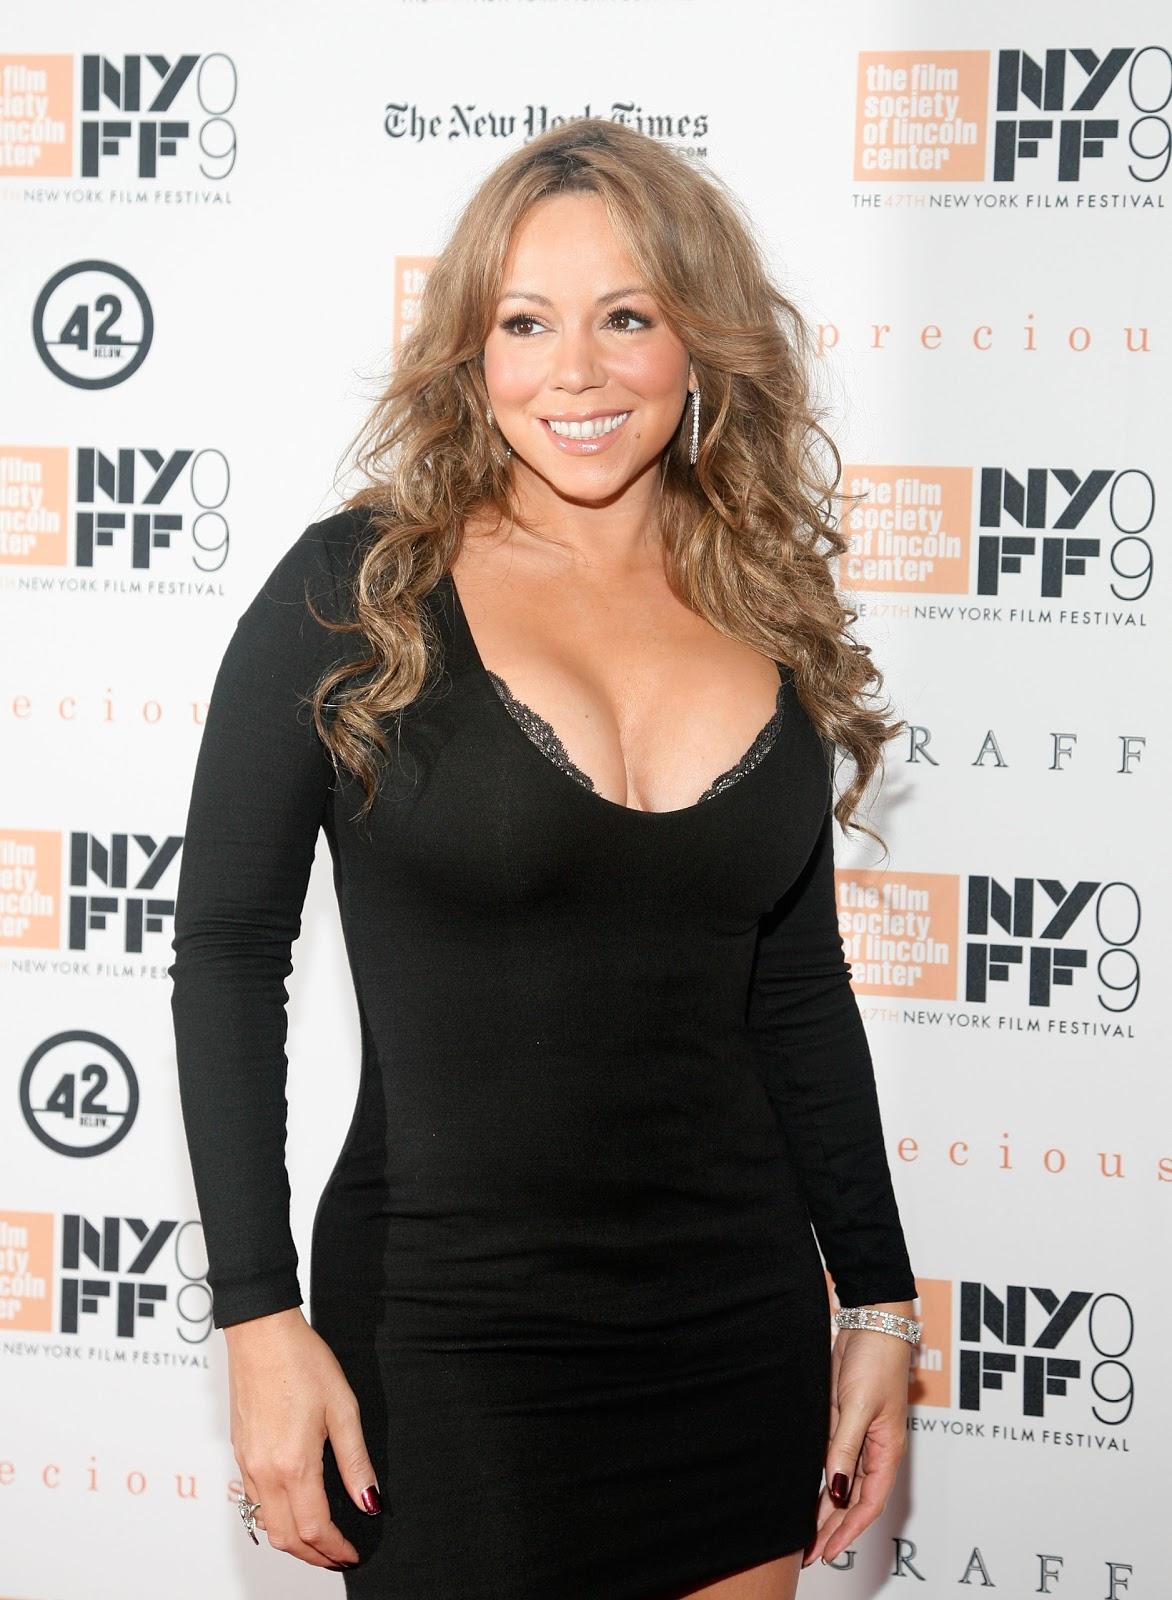 Fuller Figure Fuller Bust Celebrity Bra Sizes